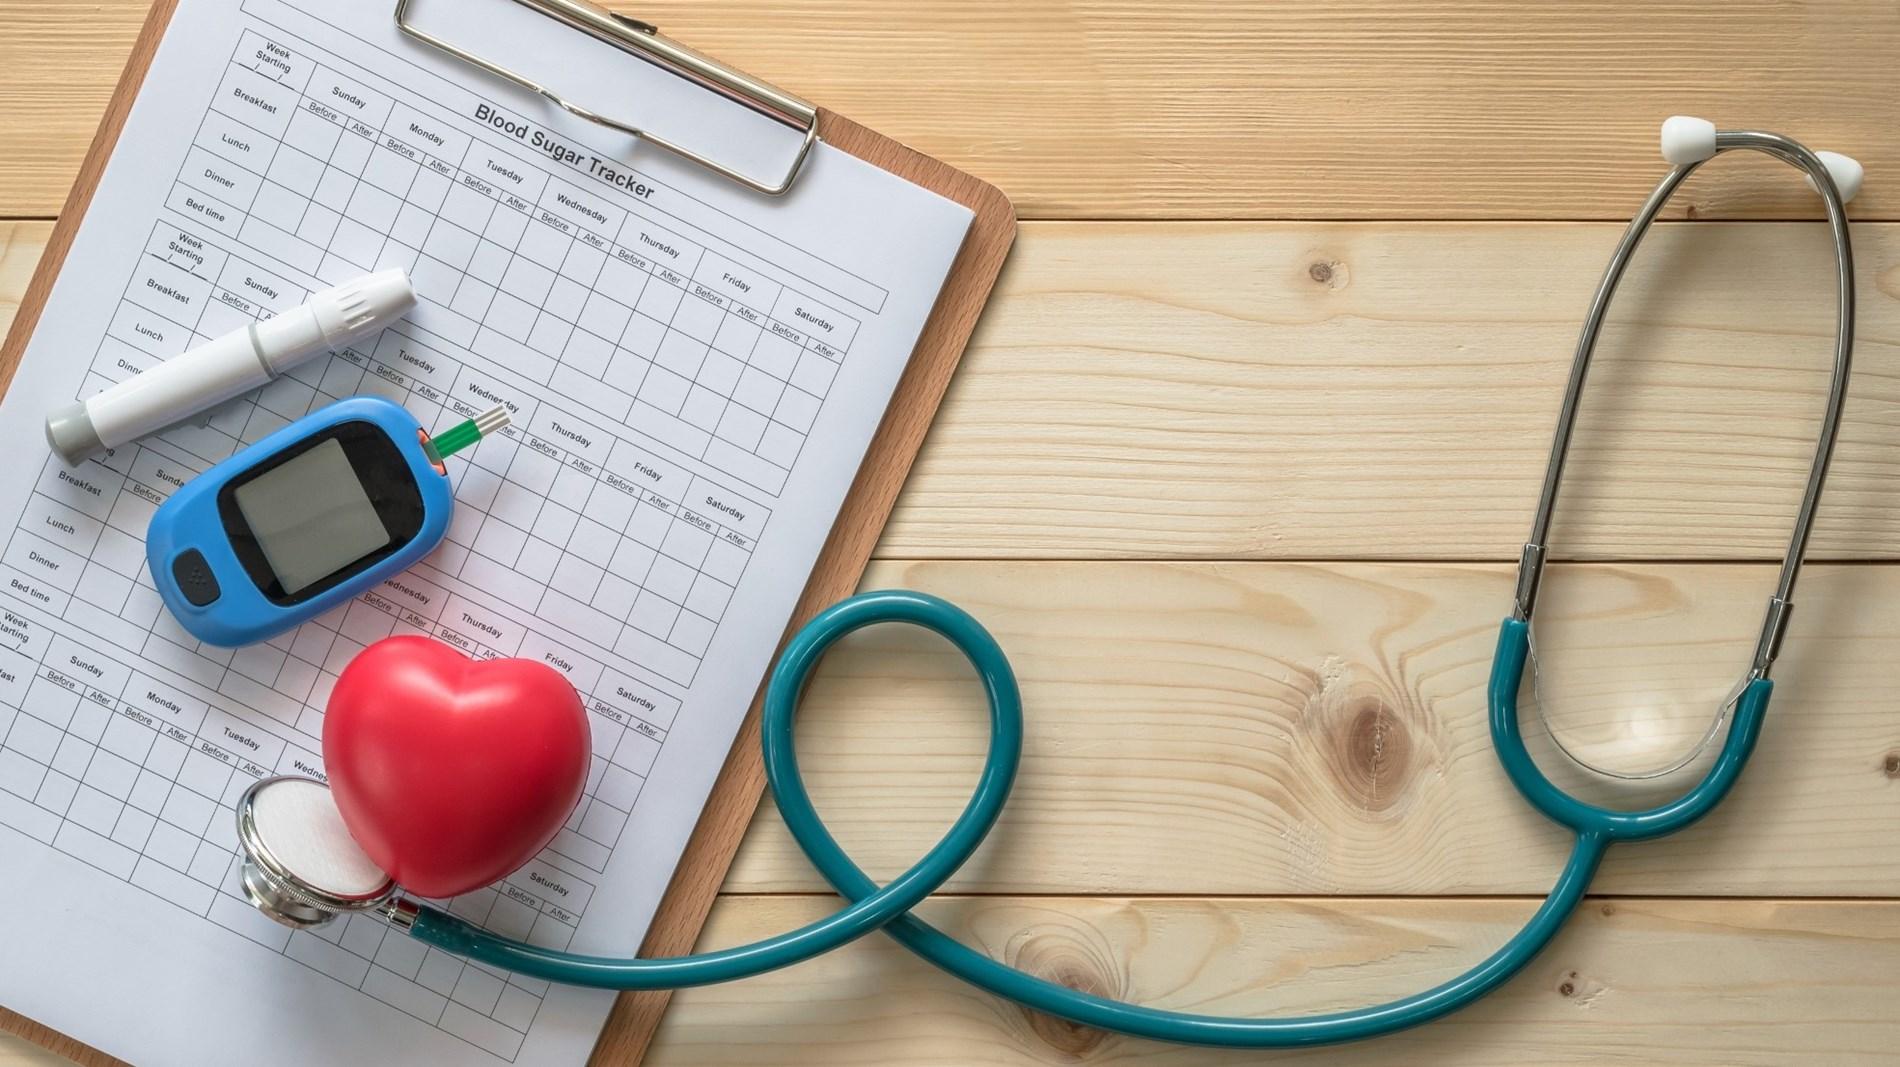 في اليوم العالمي للمرض.. كيف تحمي نفسك من السكري؟